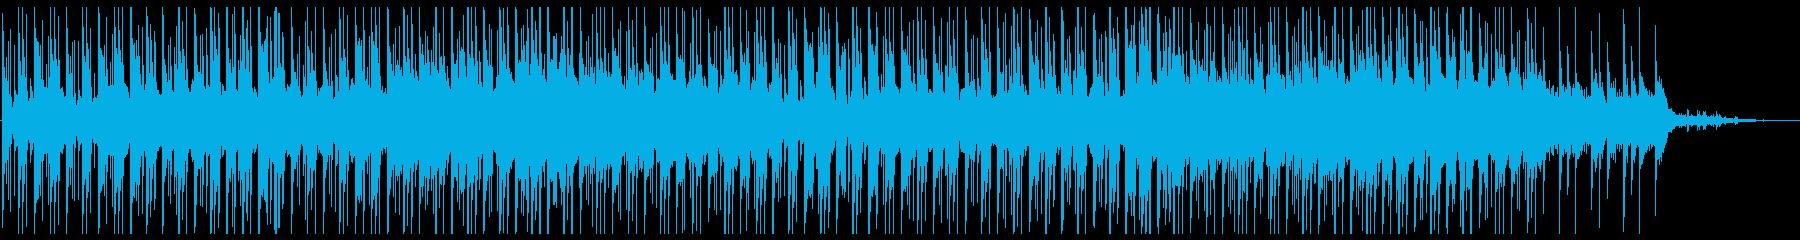 (森林浴)和風の癒しBGMの再生済みの波形